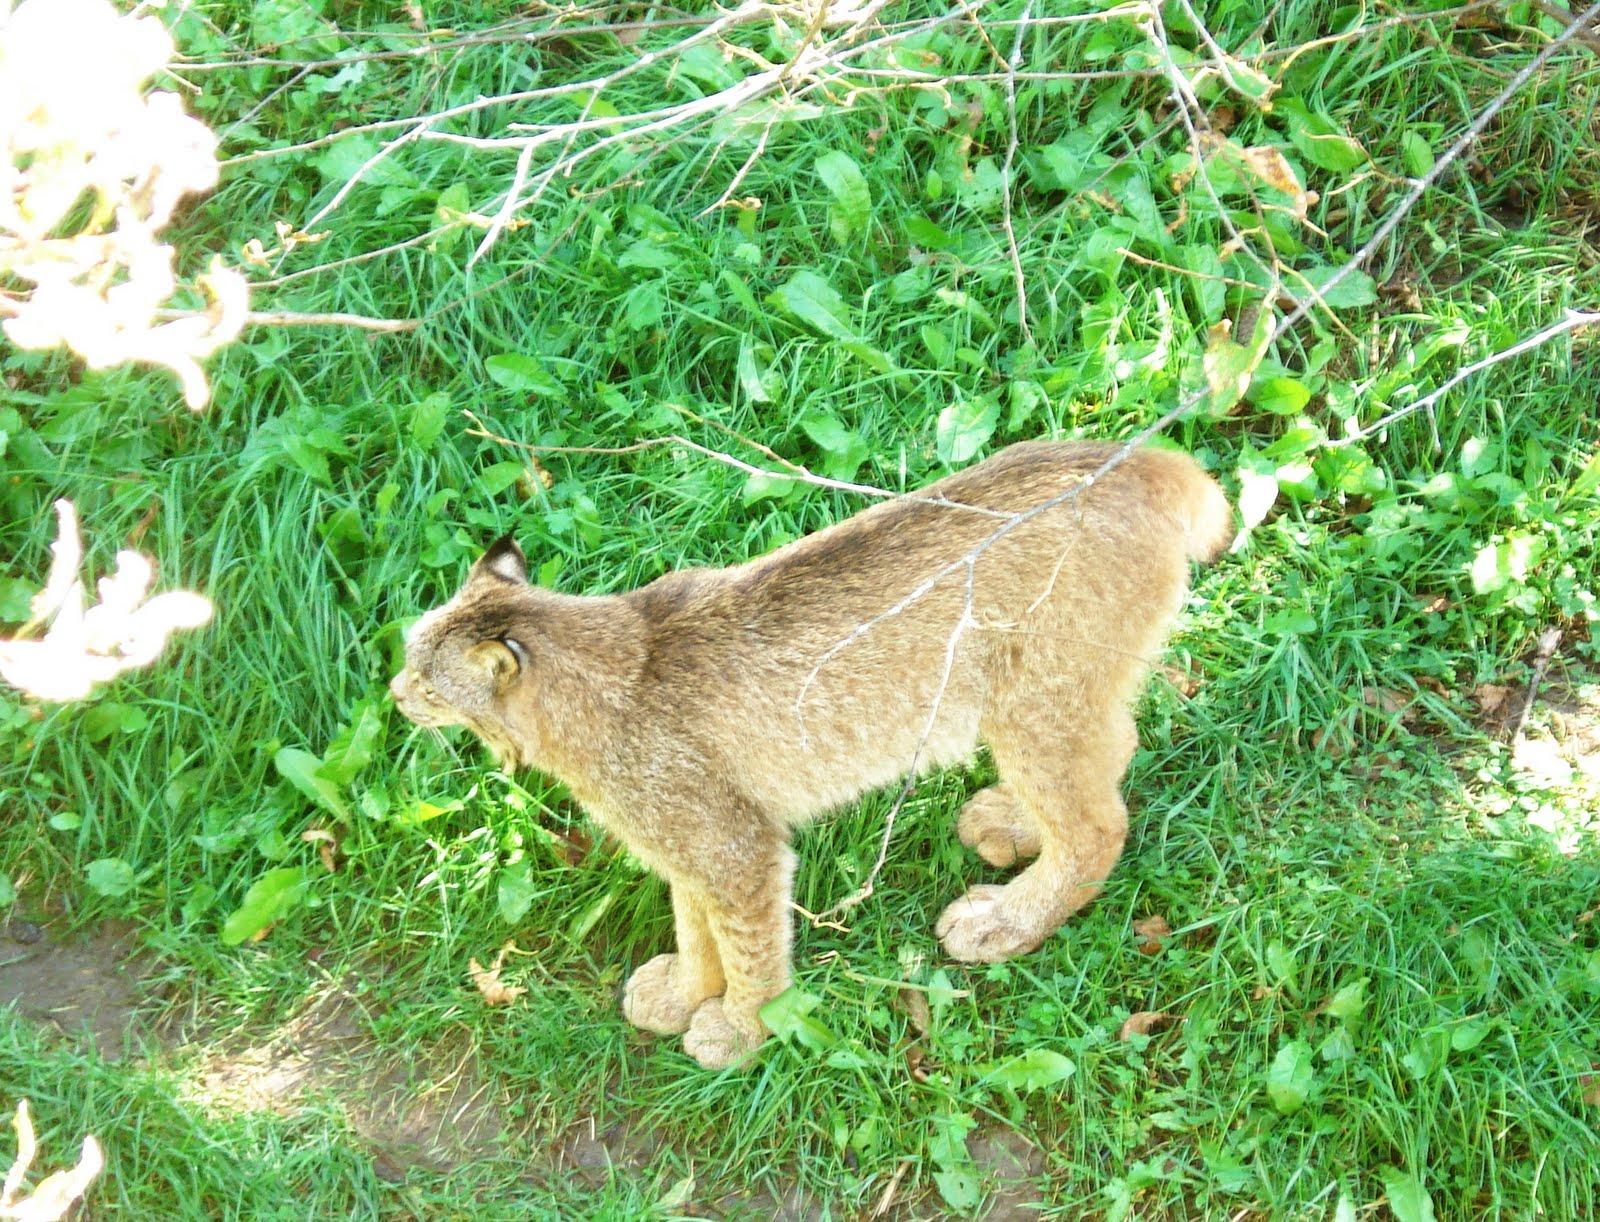 Vaşak gibi görünen vahşi ve yerli kediler